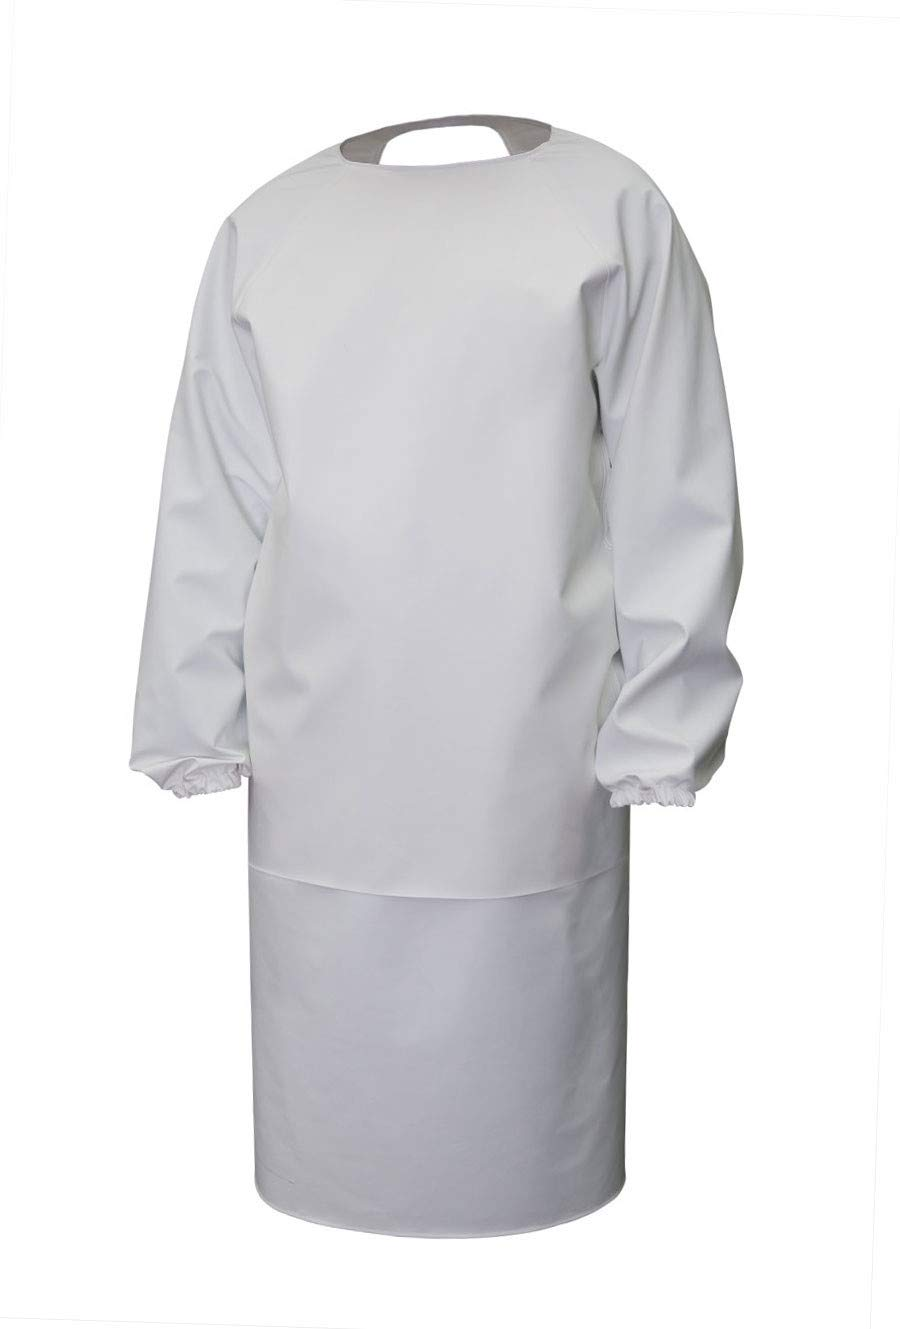 3Kamido® Delantal profesional, delantal de PVC con mangas, delantal de carnicero, delantal para veterinarios, delantal de lavado, impermeable, delantal veterinario, delantal lácteo